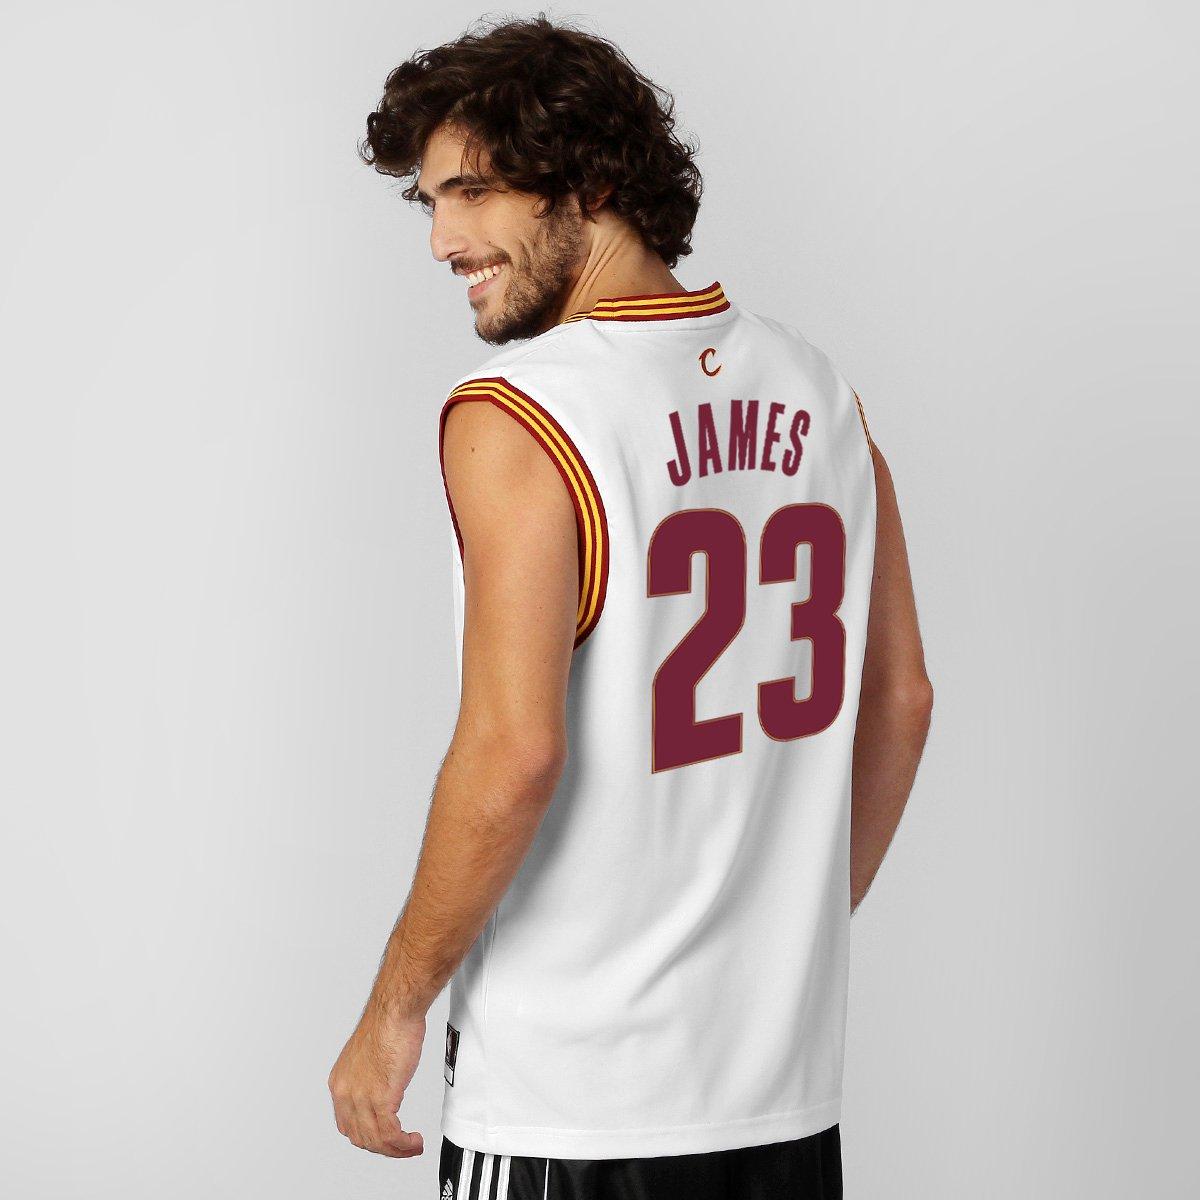 52b9b3a2c Camiseta Regata Adidas Cleveland Cavaliers Home - James nº 23 - Compre  Agora